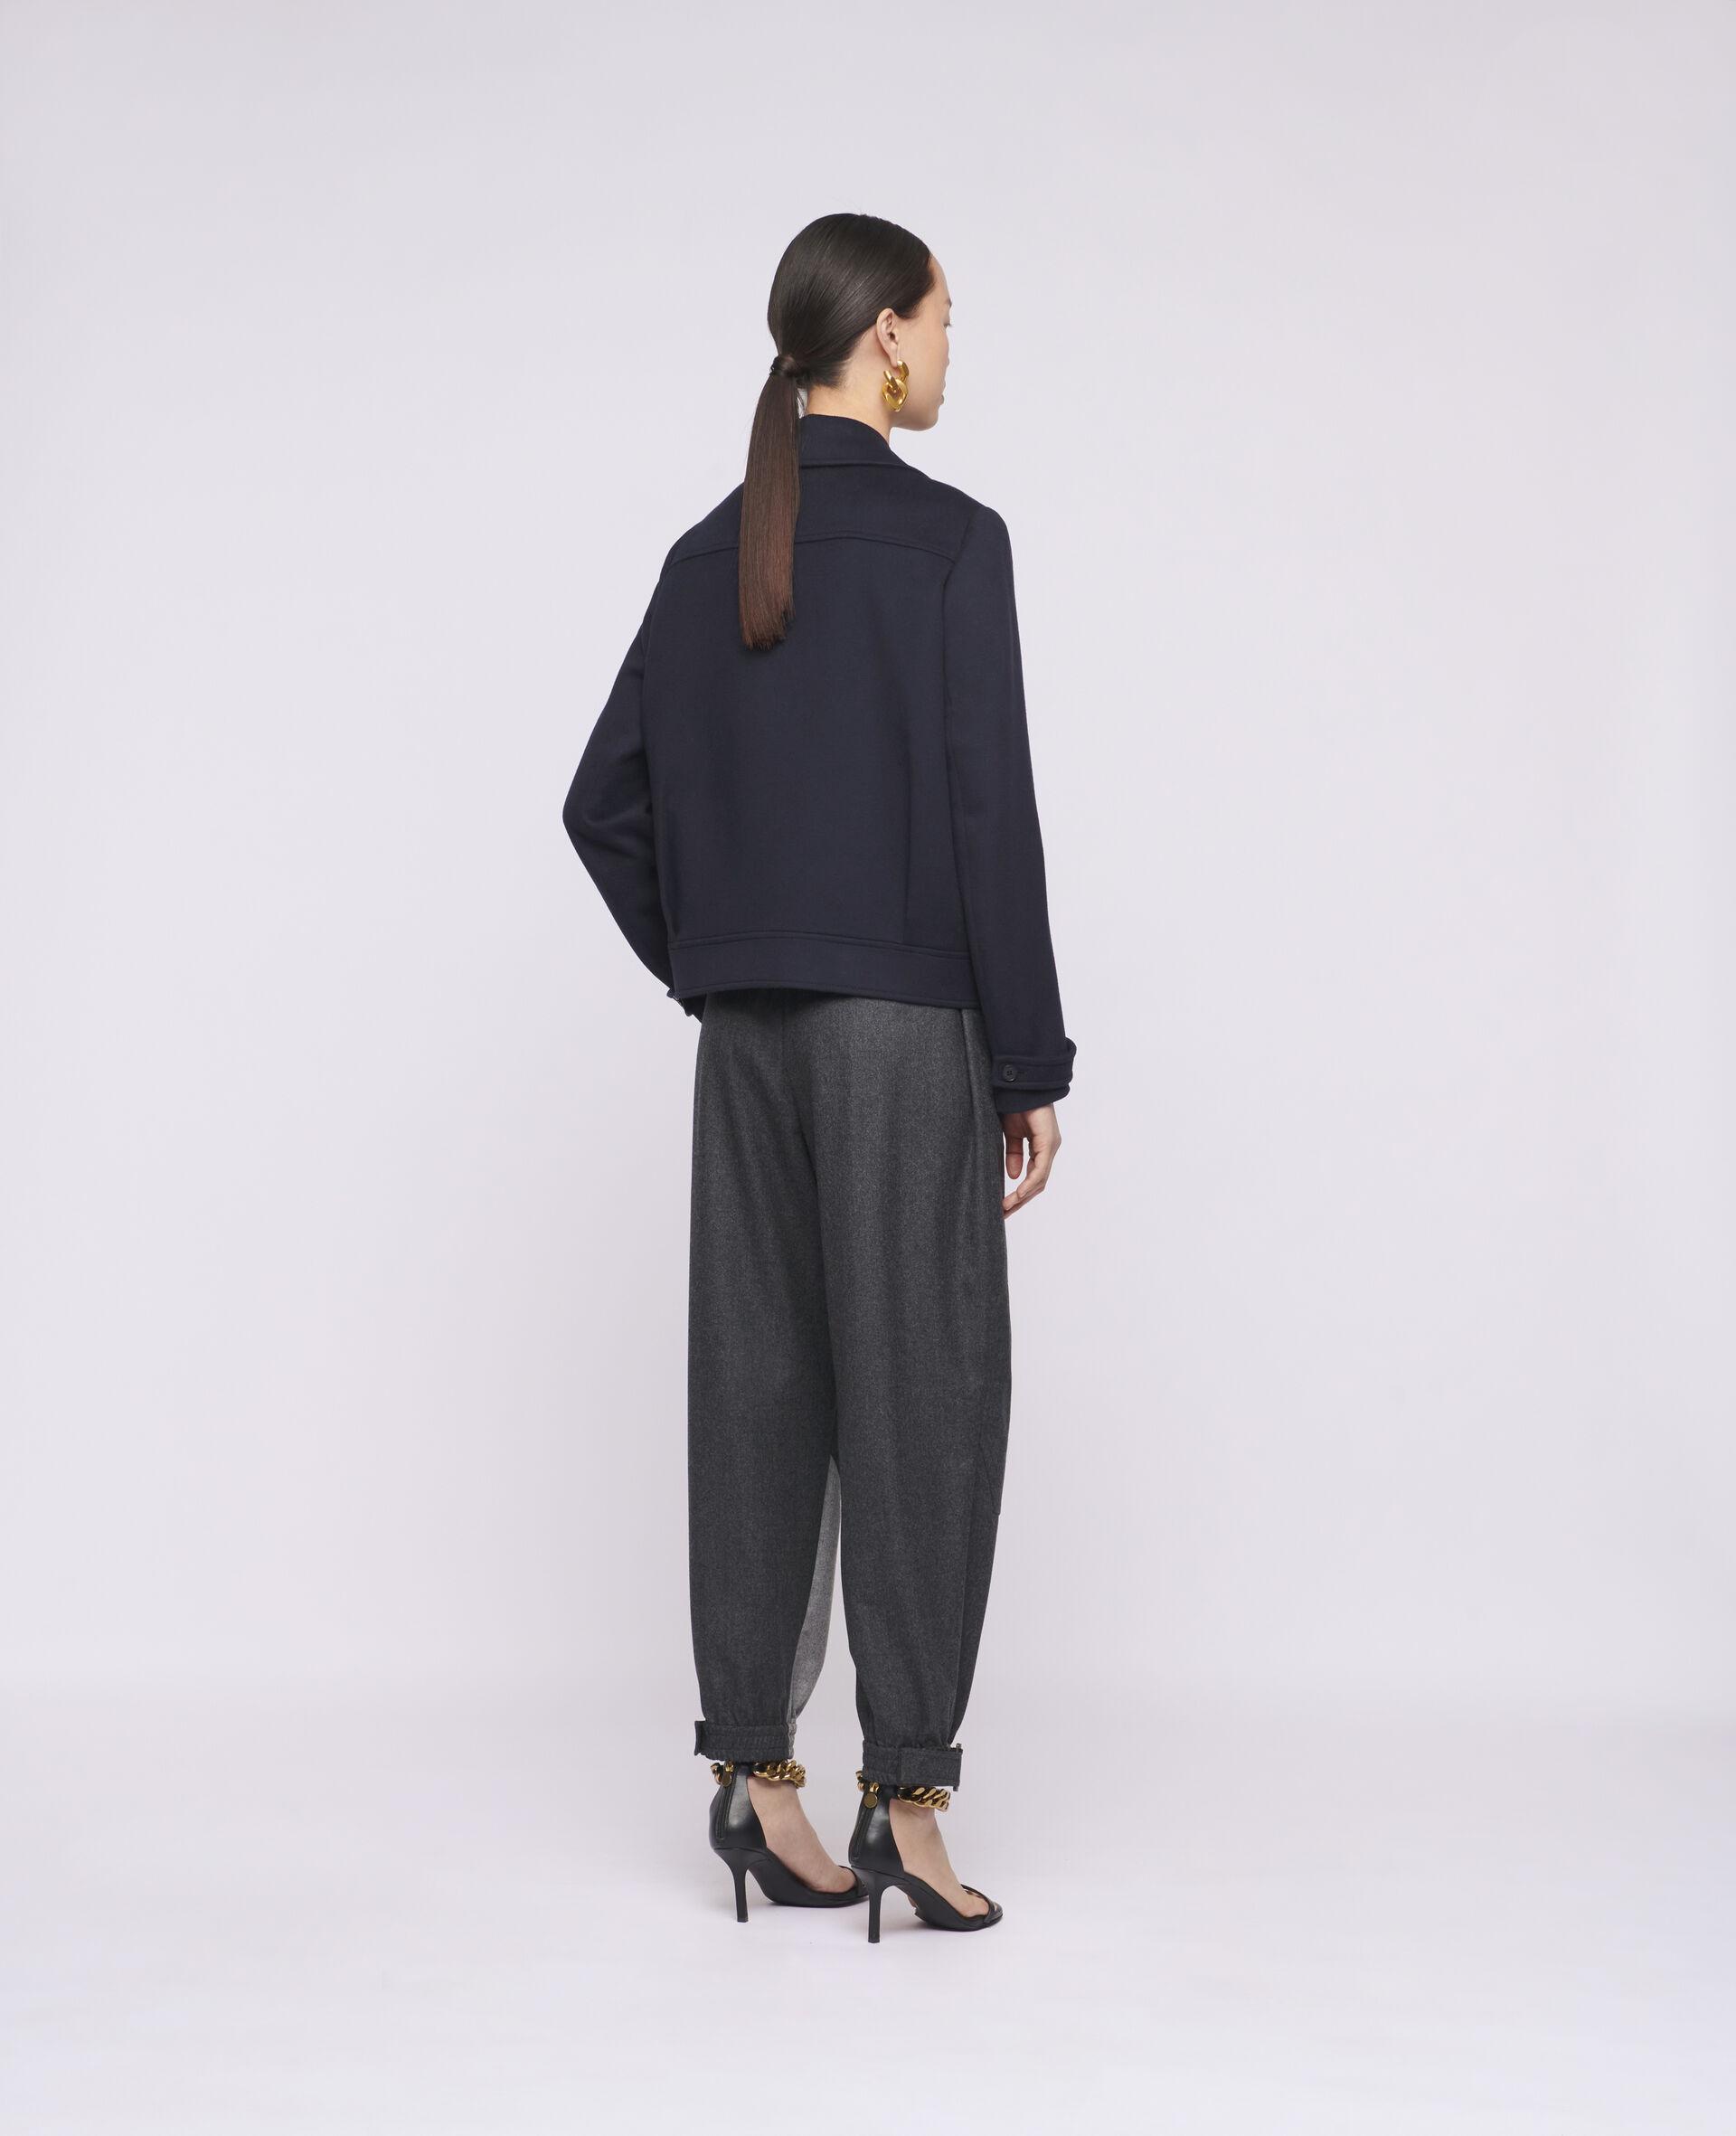 Manteau en laine Rebecca-Bleu-large image number 2